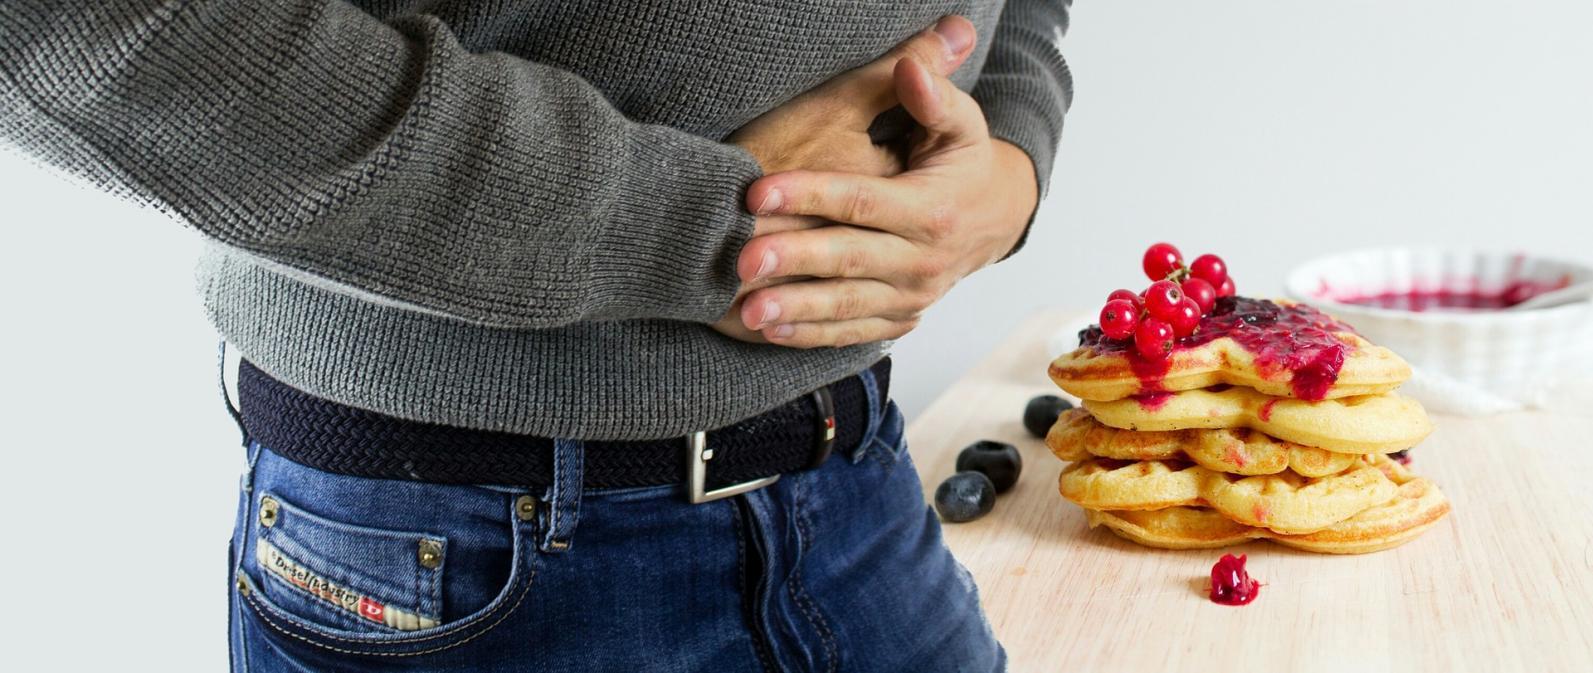 Você sabe o que é Síndrome do Intestino Irritável?